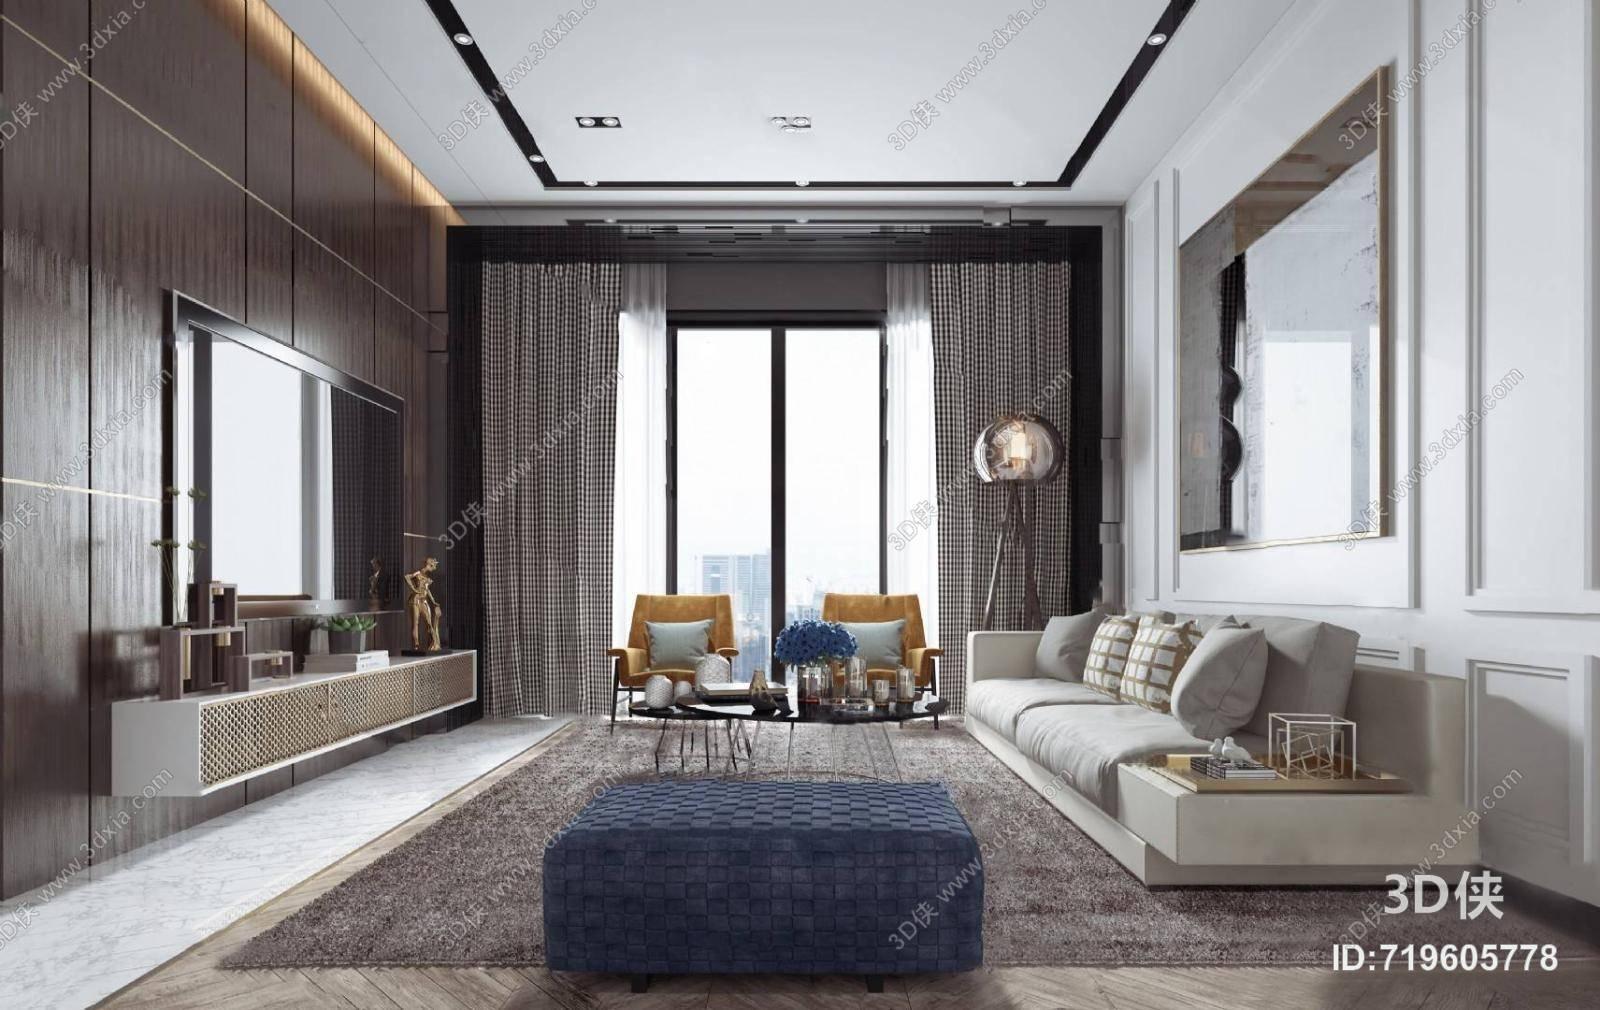 现代客厅3D模型 电视柜 组合沙发 单人沙发 茶几